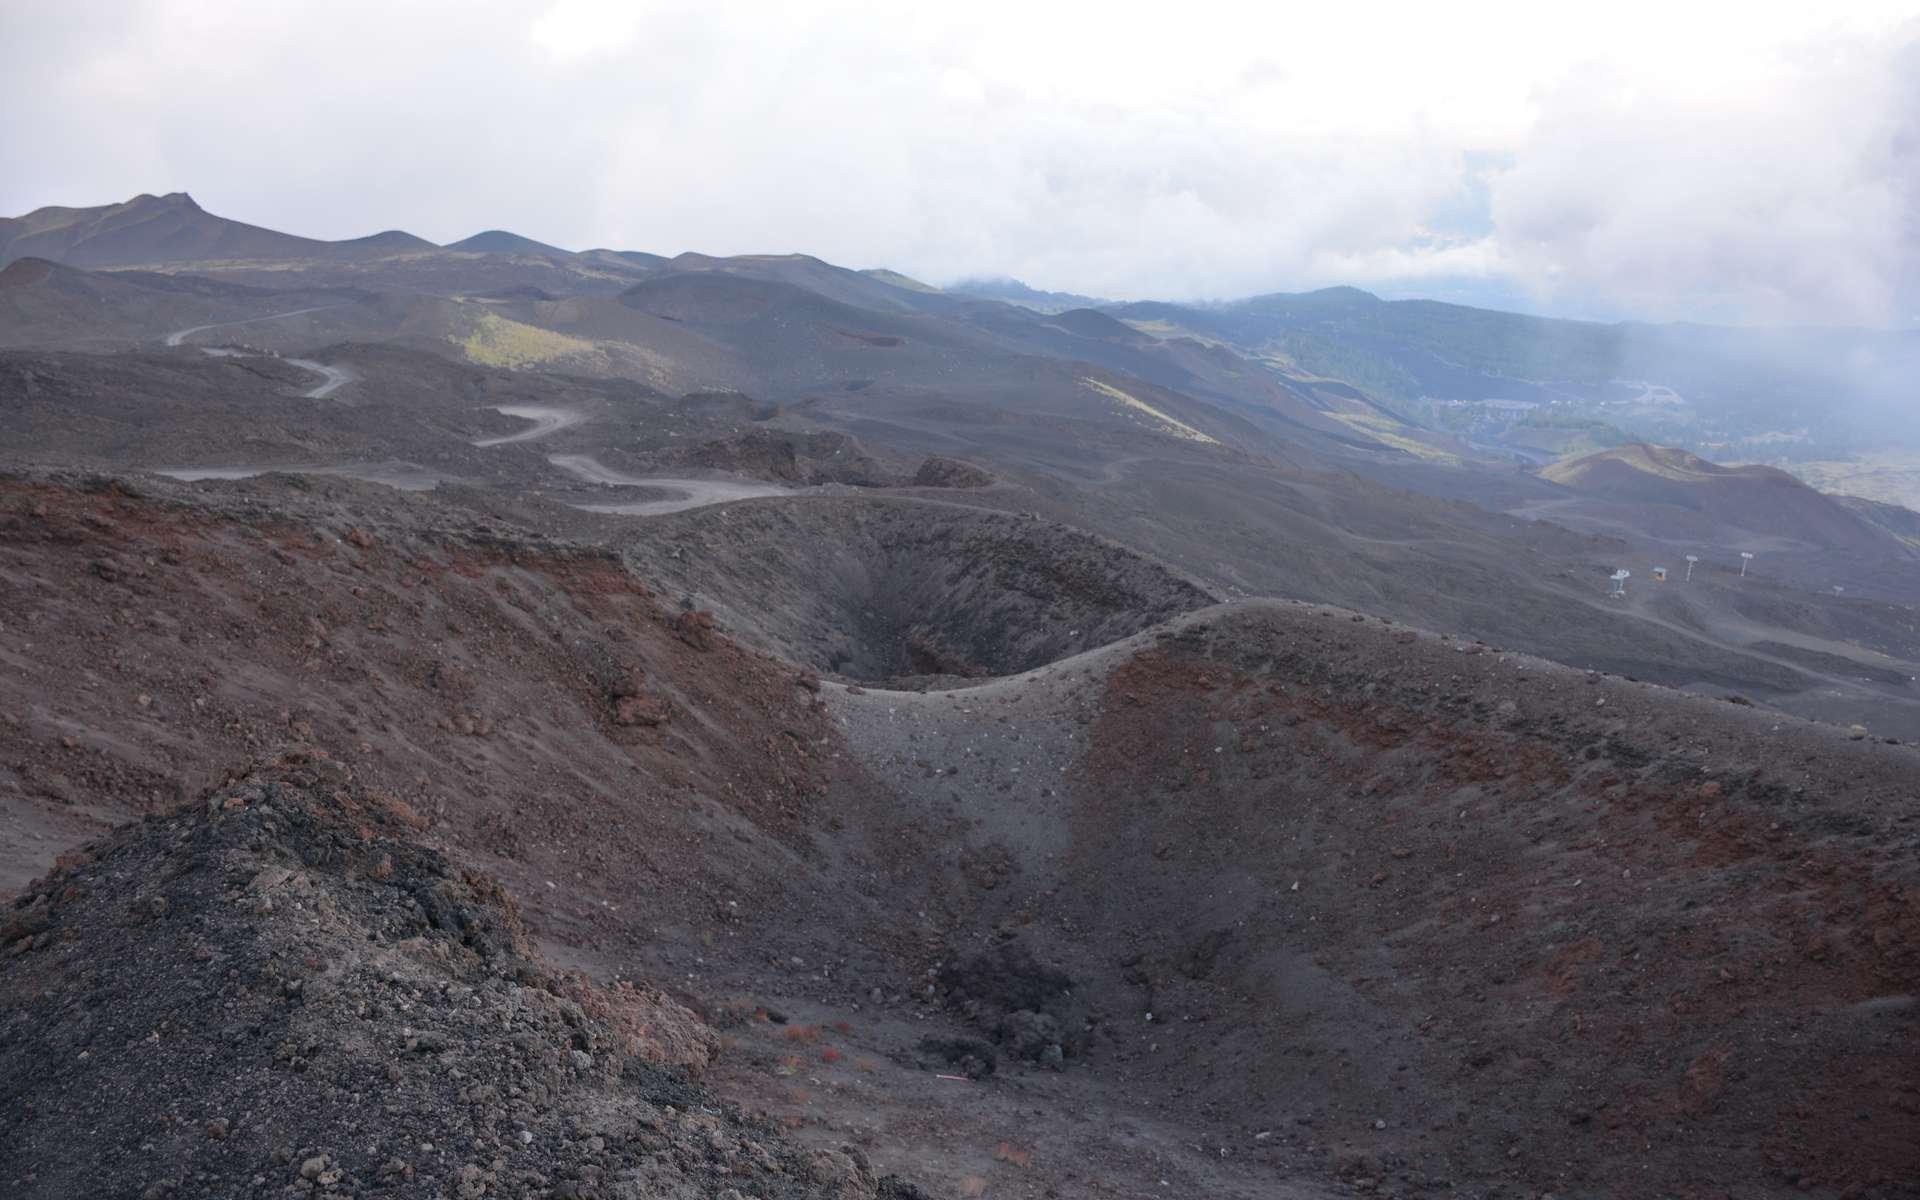 PlanèteSur les traces de l'une des plus grandes éruptions volcaniques explosives - Futura